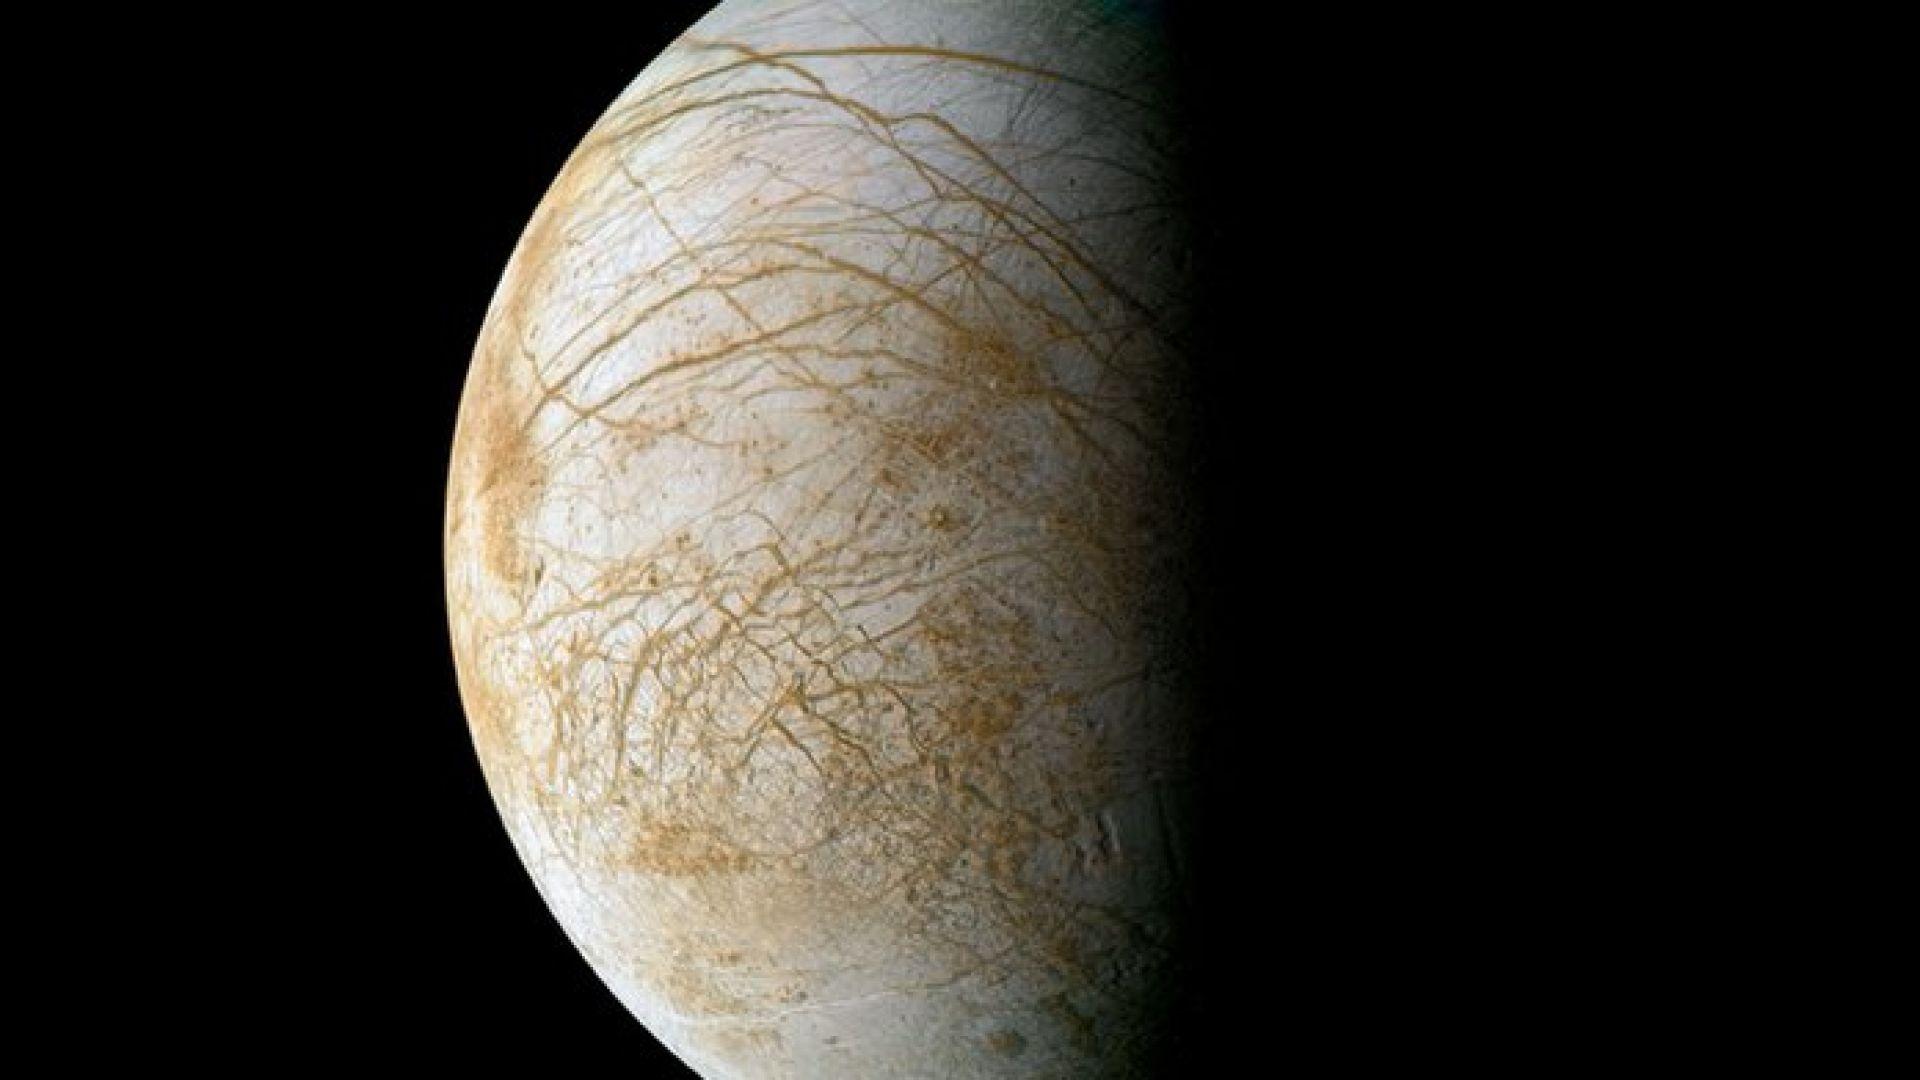 НАСА праща мисия до мястото, където е най-вероятно да има живот извън Земята (снимки)